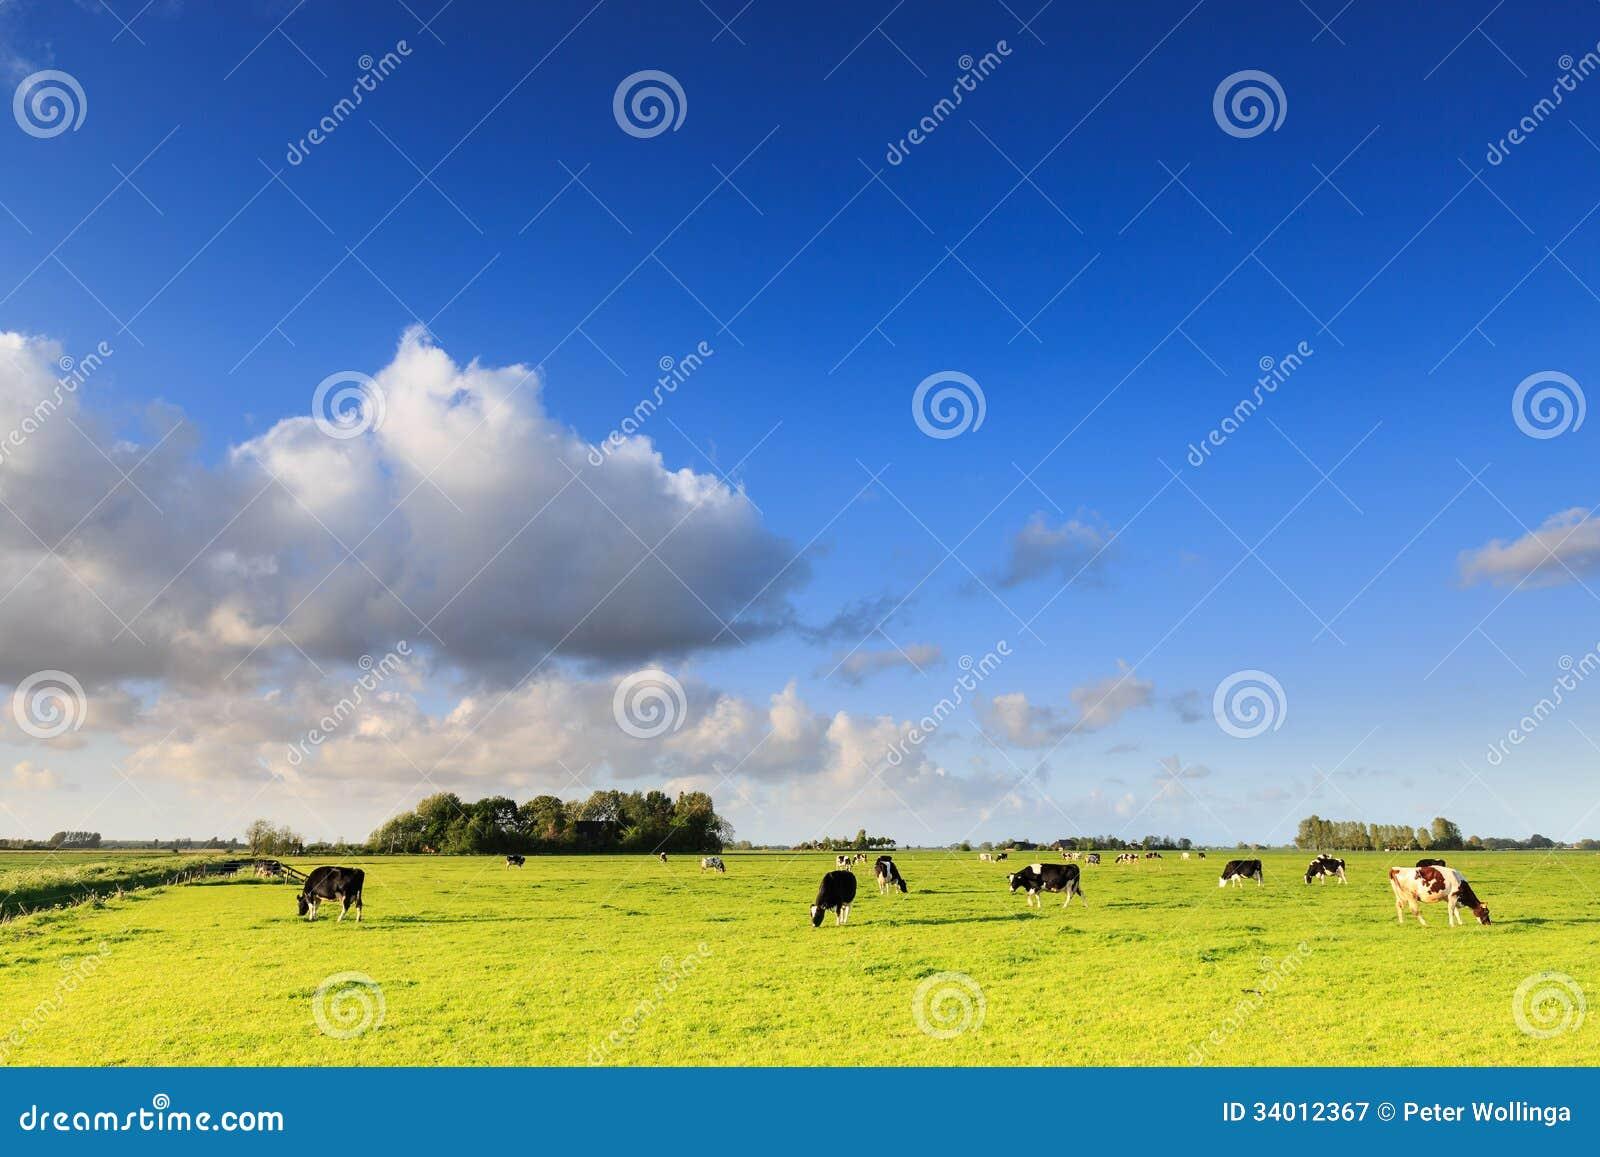 Αγελάδες που βόσκουν σε ένα λιβάδι σε ένα χαρακτηριστικό ολλανδικό τοπίο